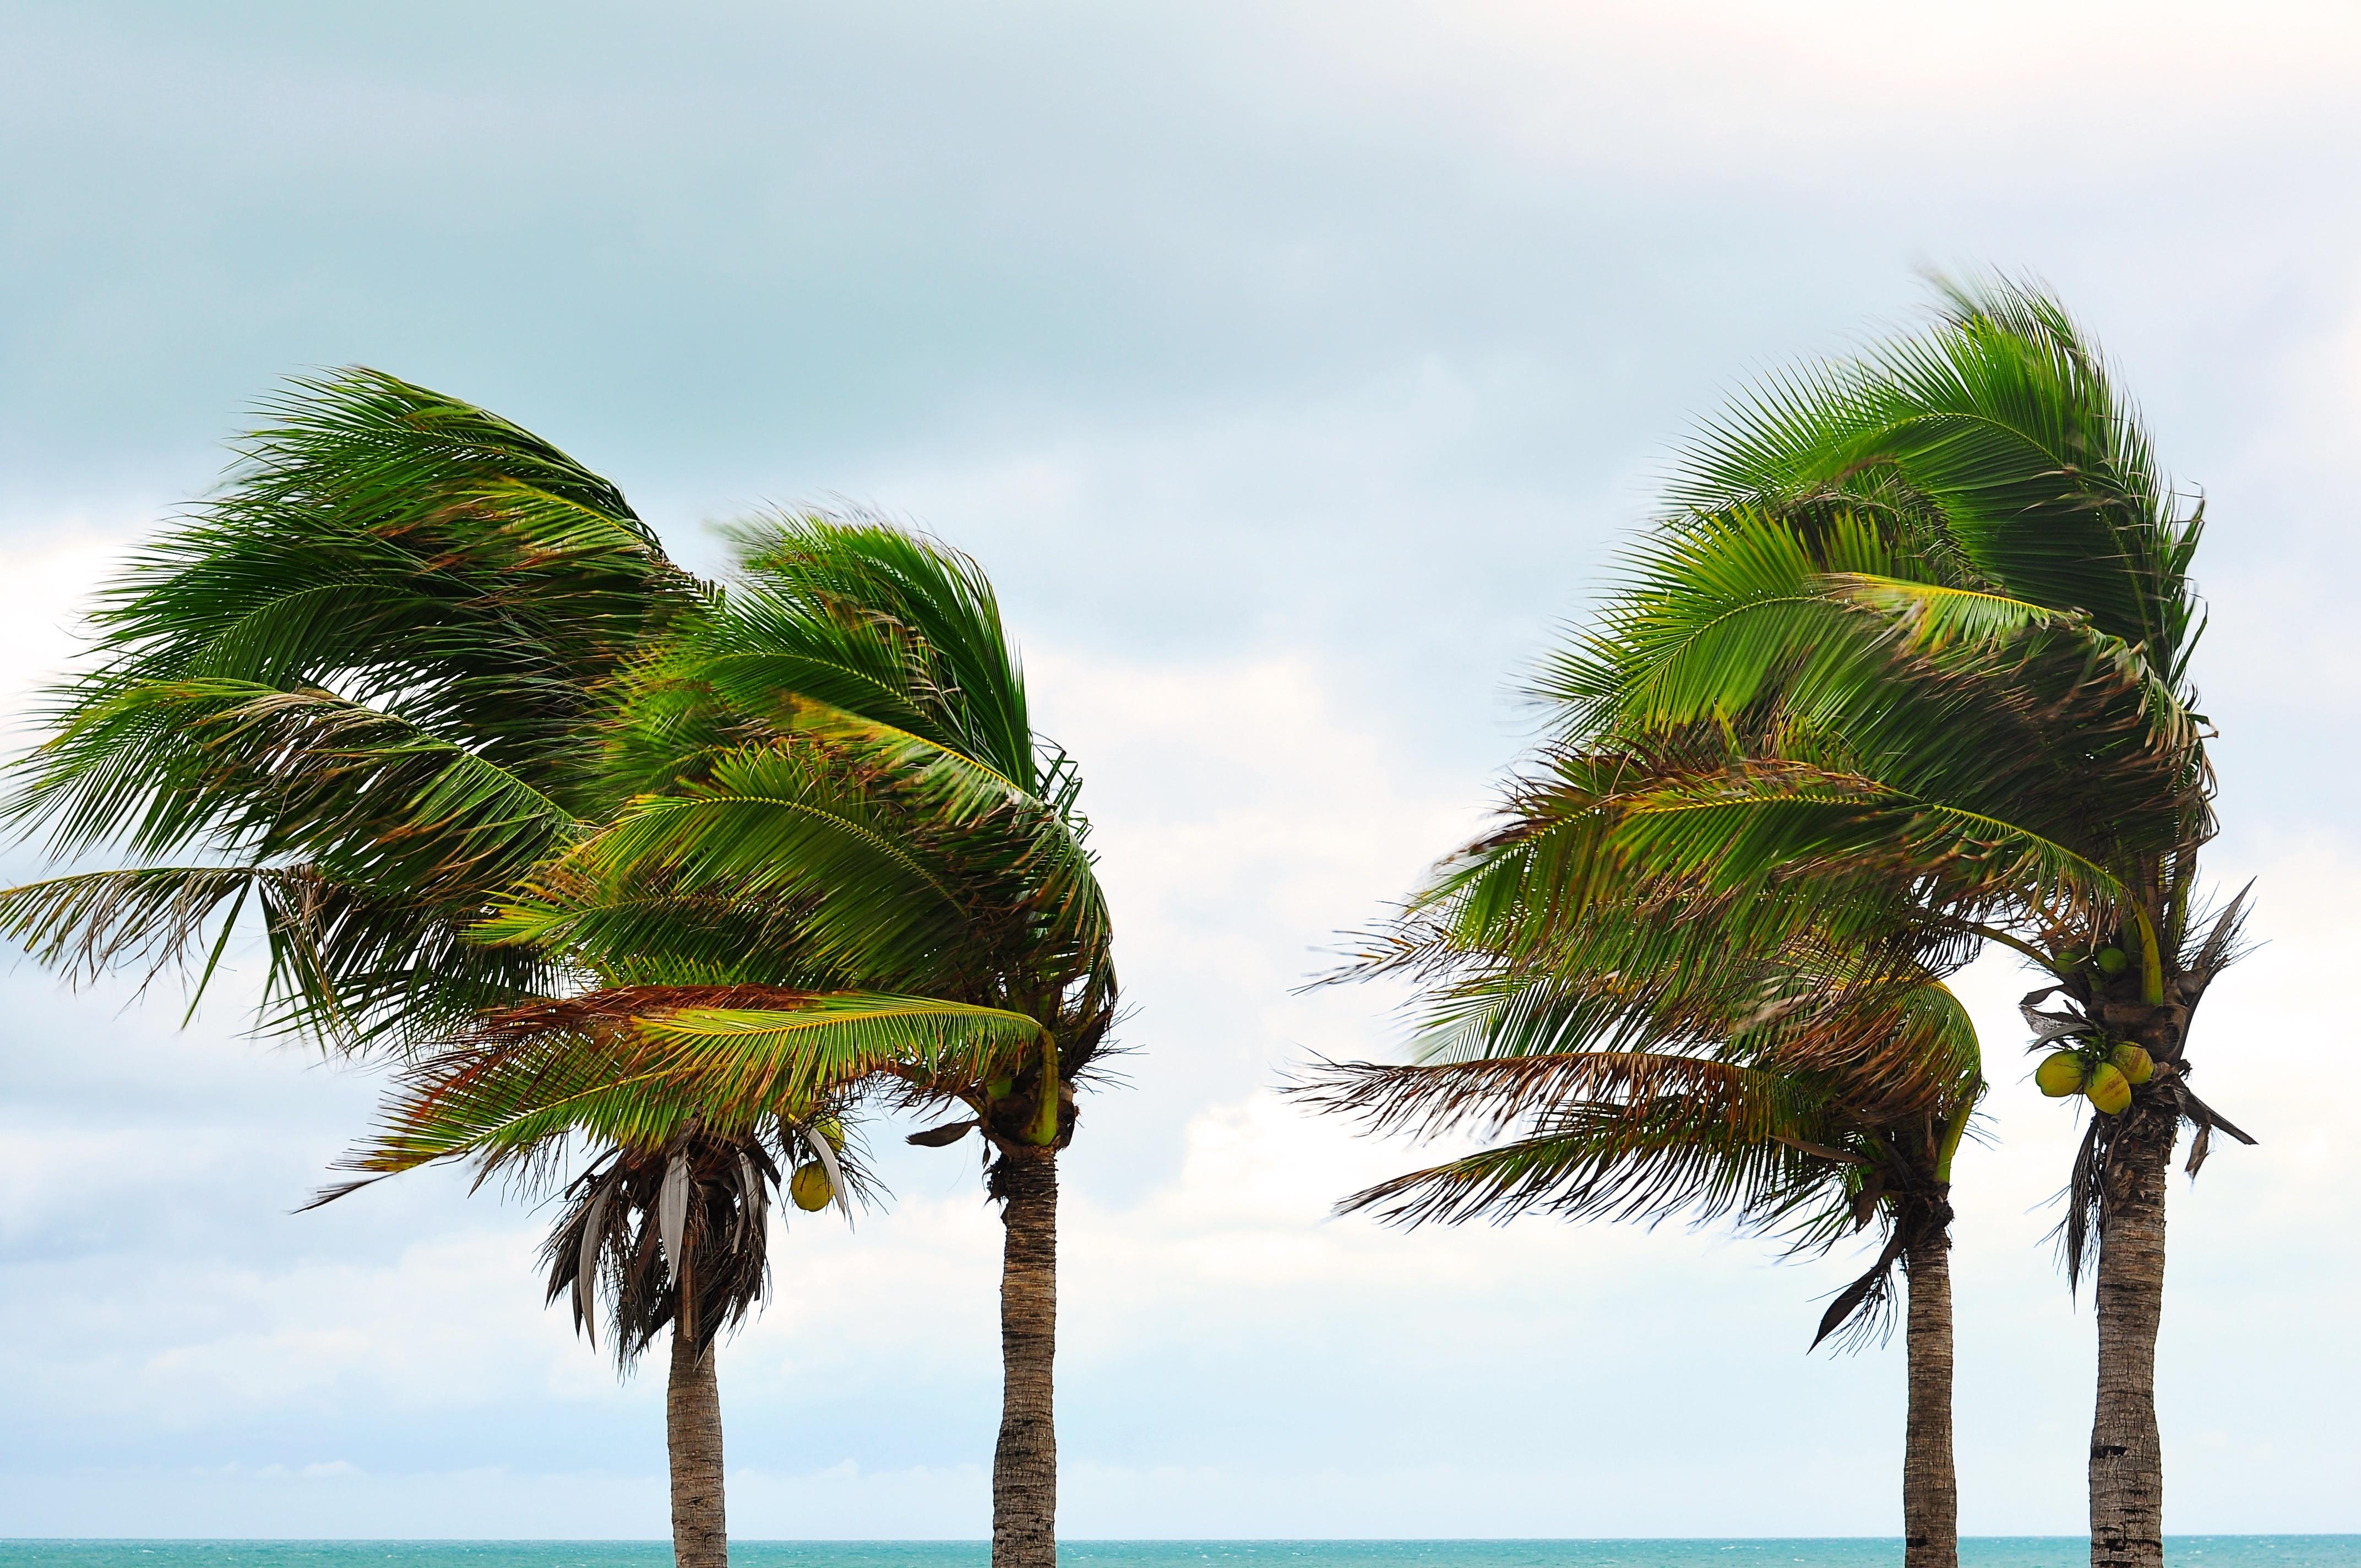 Advierte el CUD sobre preparación para el huracán Irma